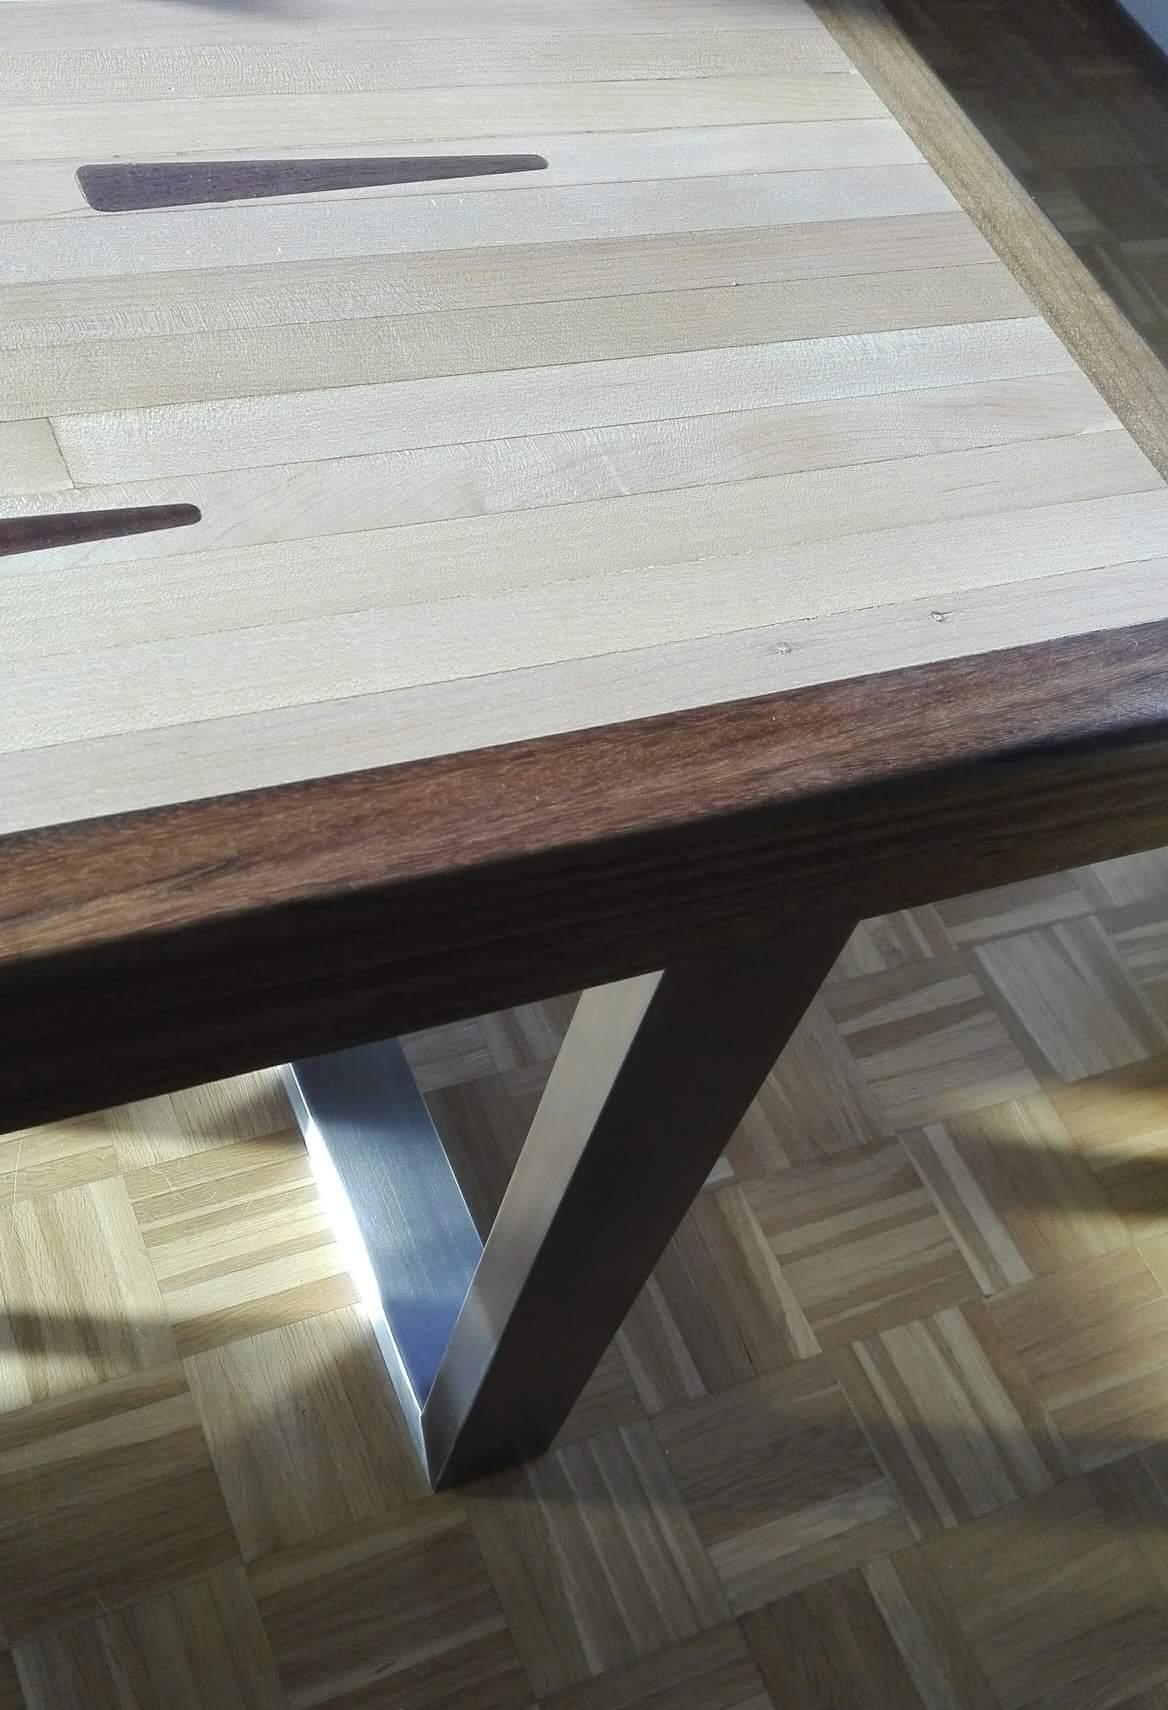 mainTisch Esstisch Schreibtisch Bowlingtisch Schreiner Masstisch 5